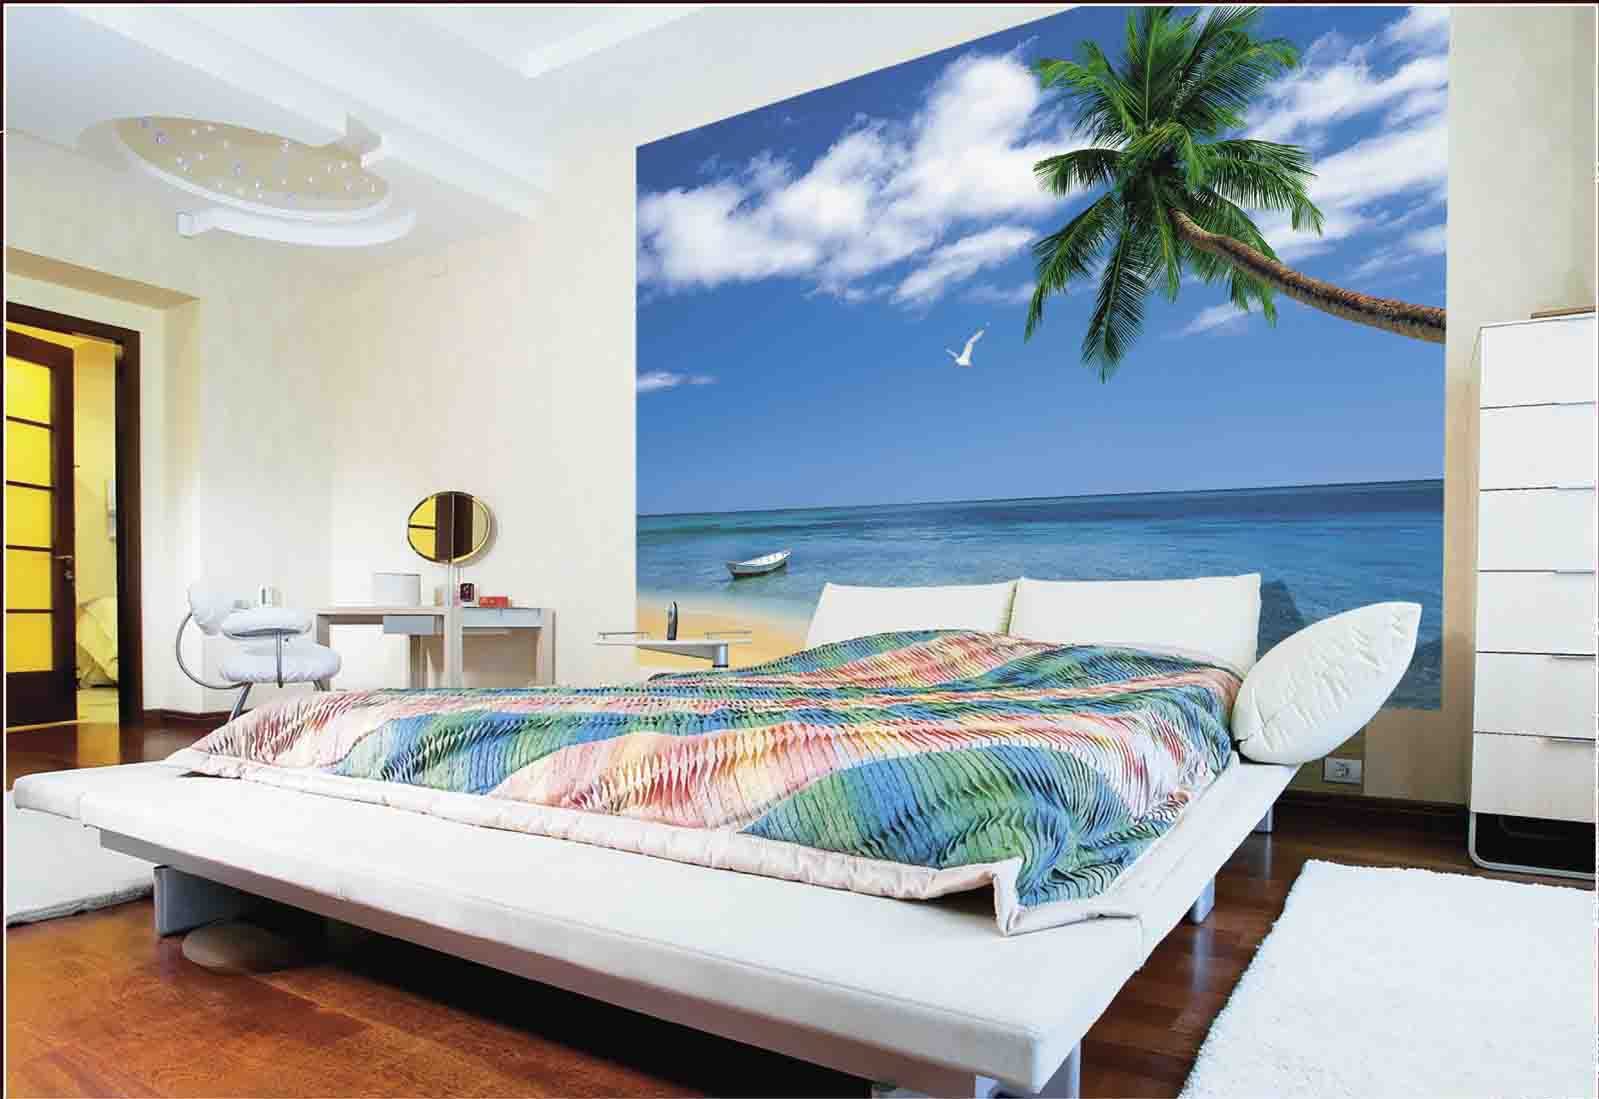 фото комната с фотообоями